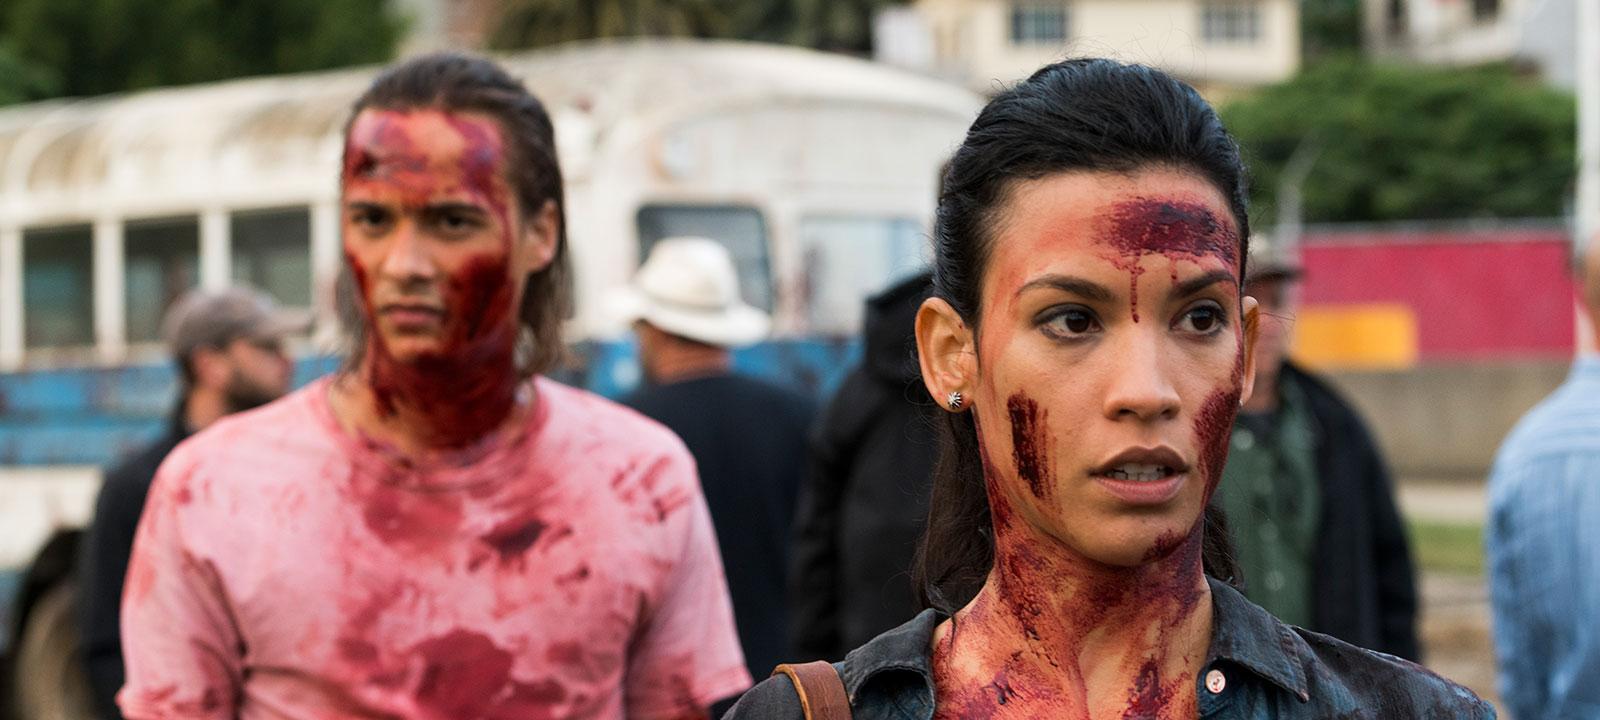 fear-the-walking-dead-episode-209-luciana-garcia-800×600-interview